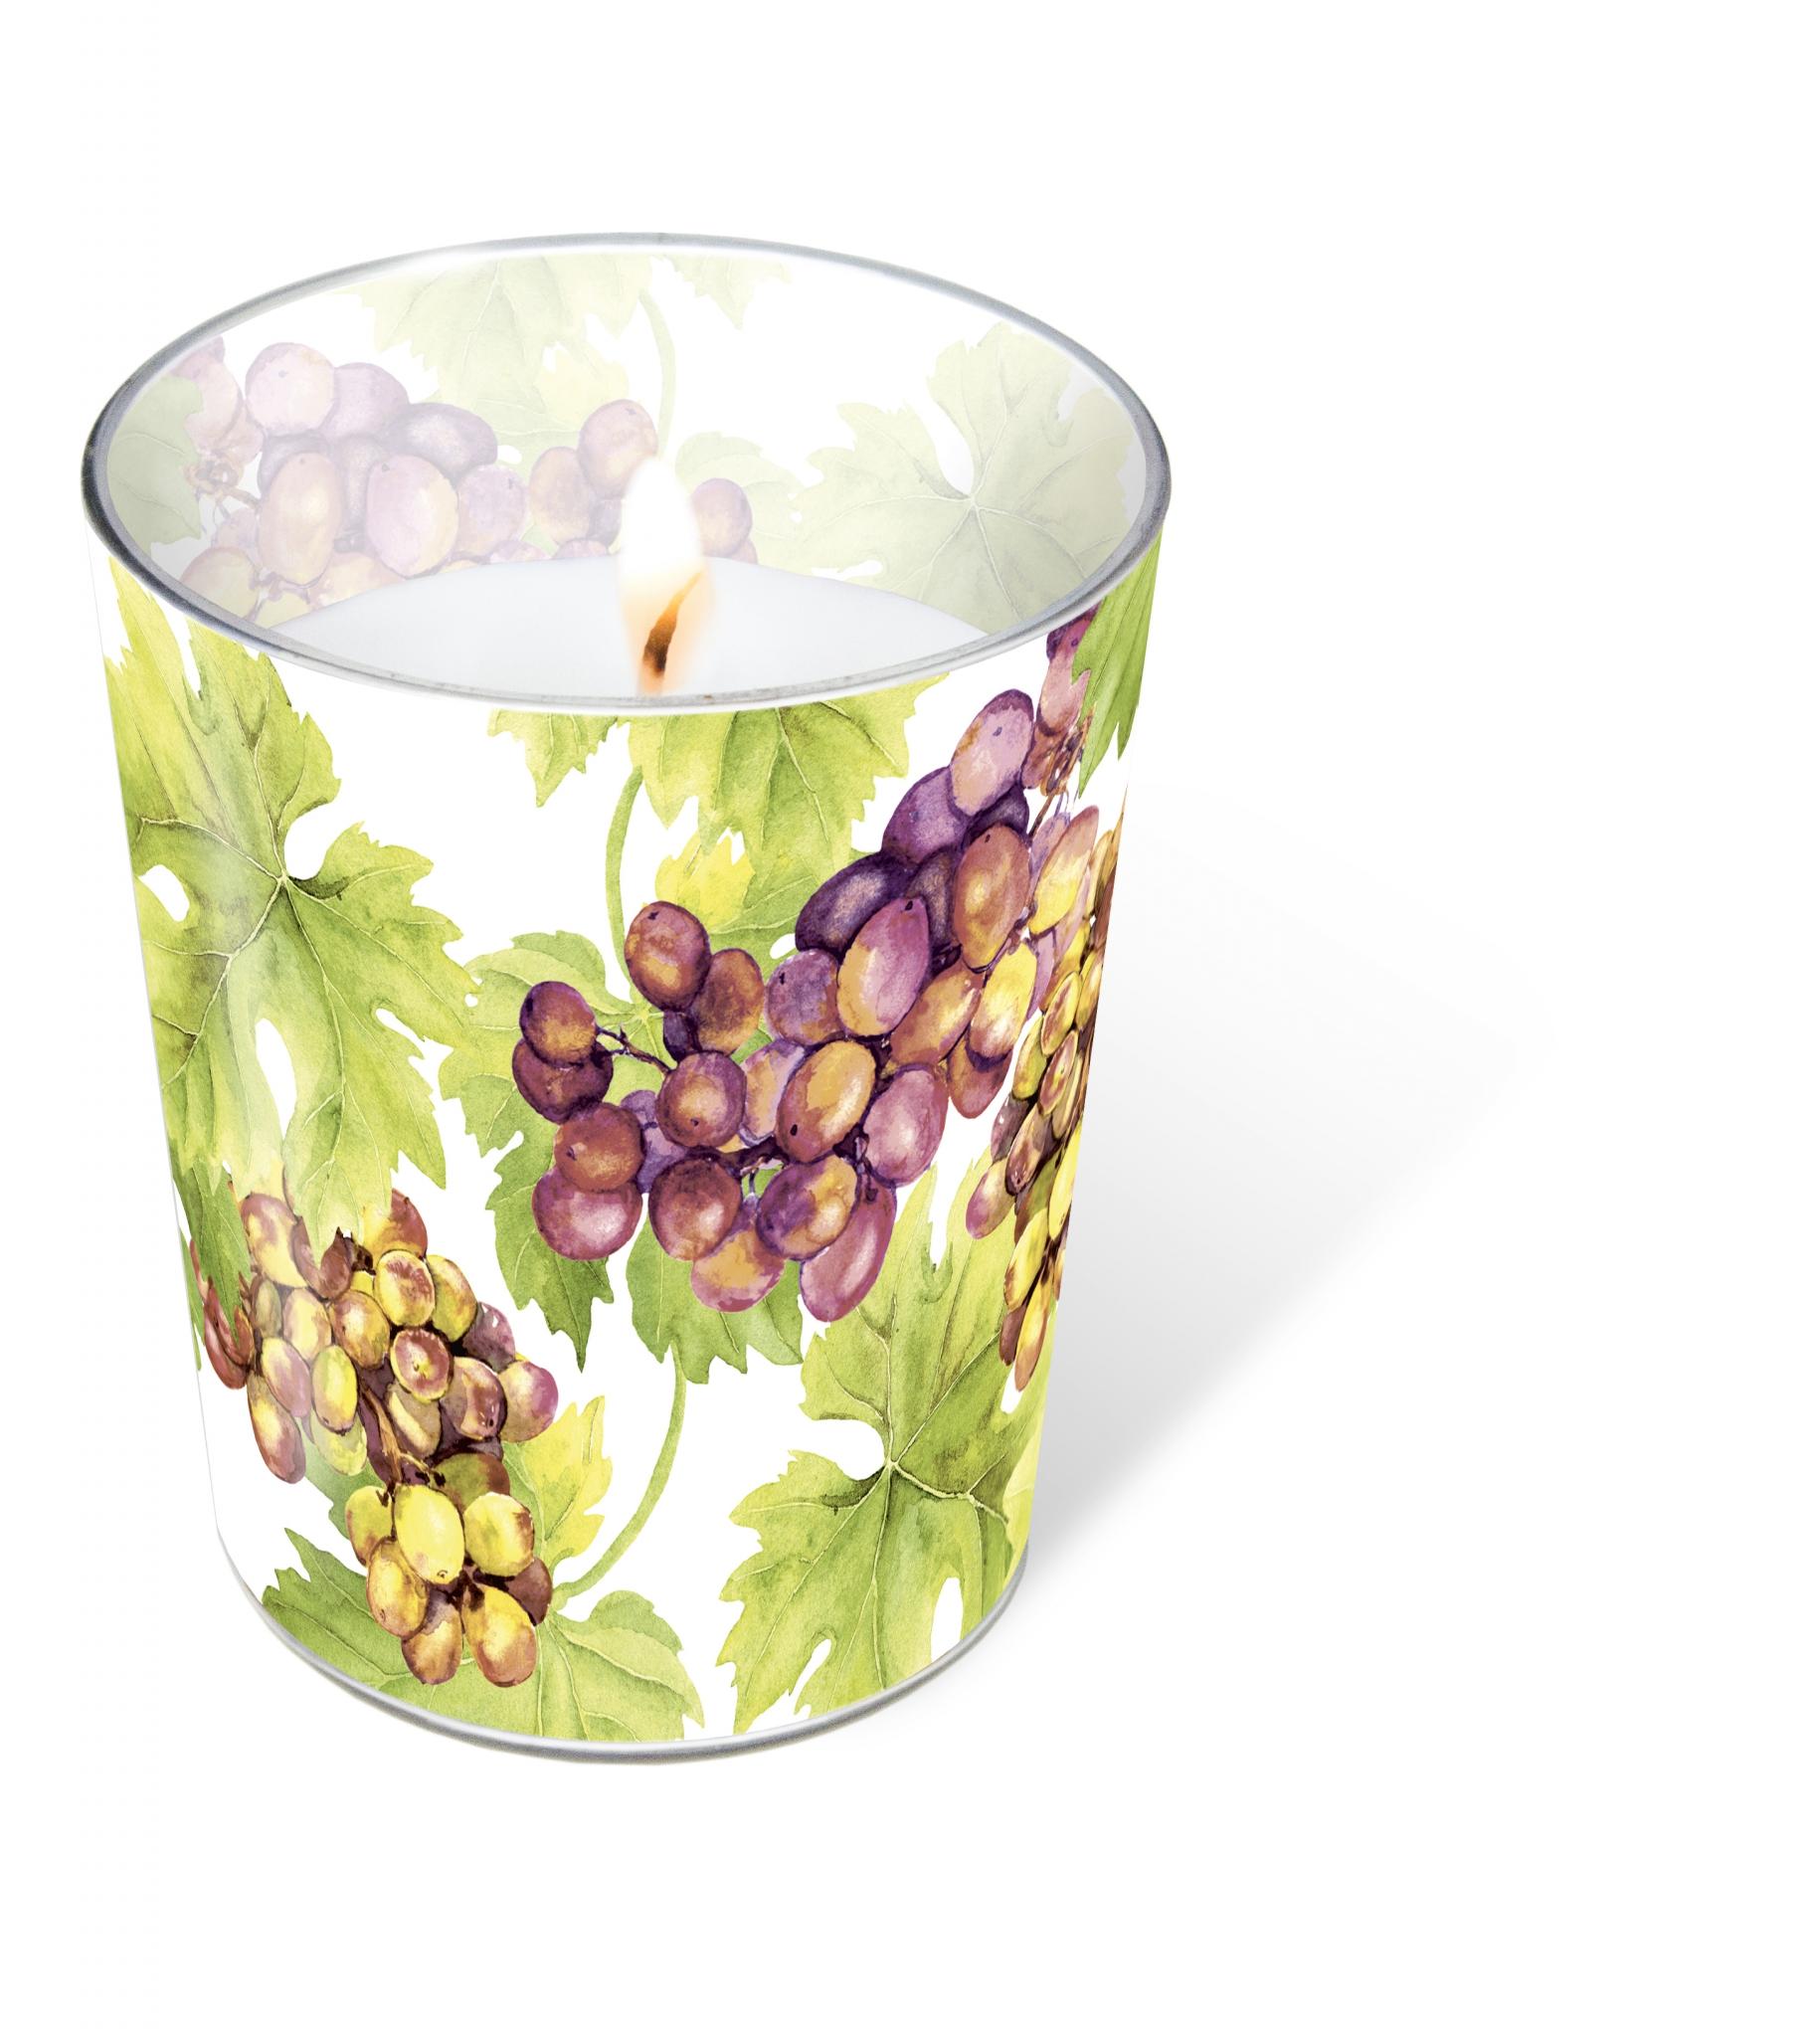 vela de vidrio - Grapes